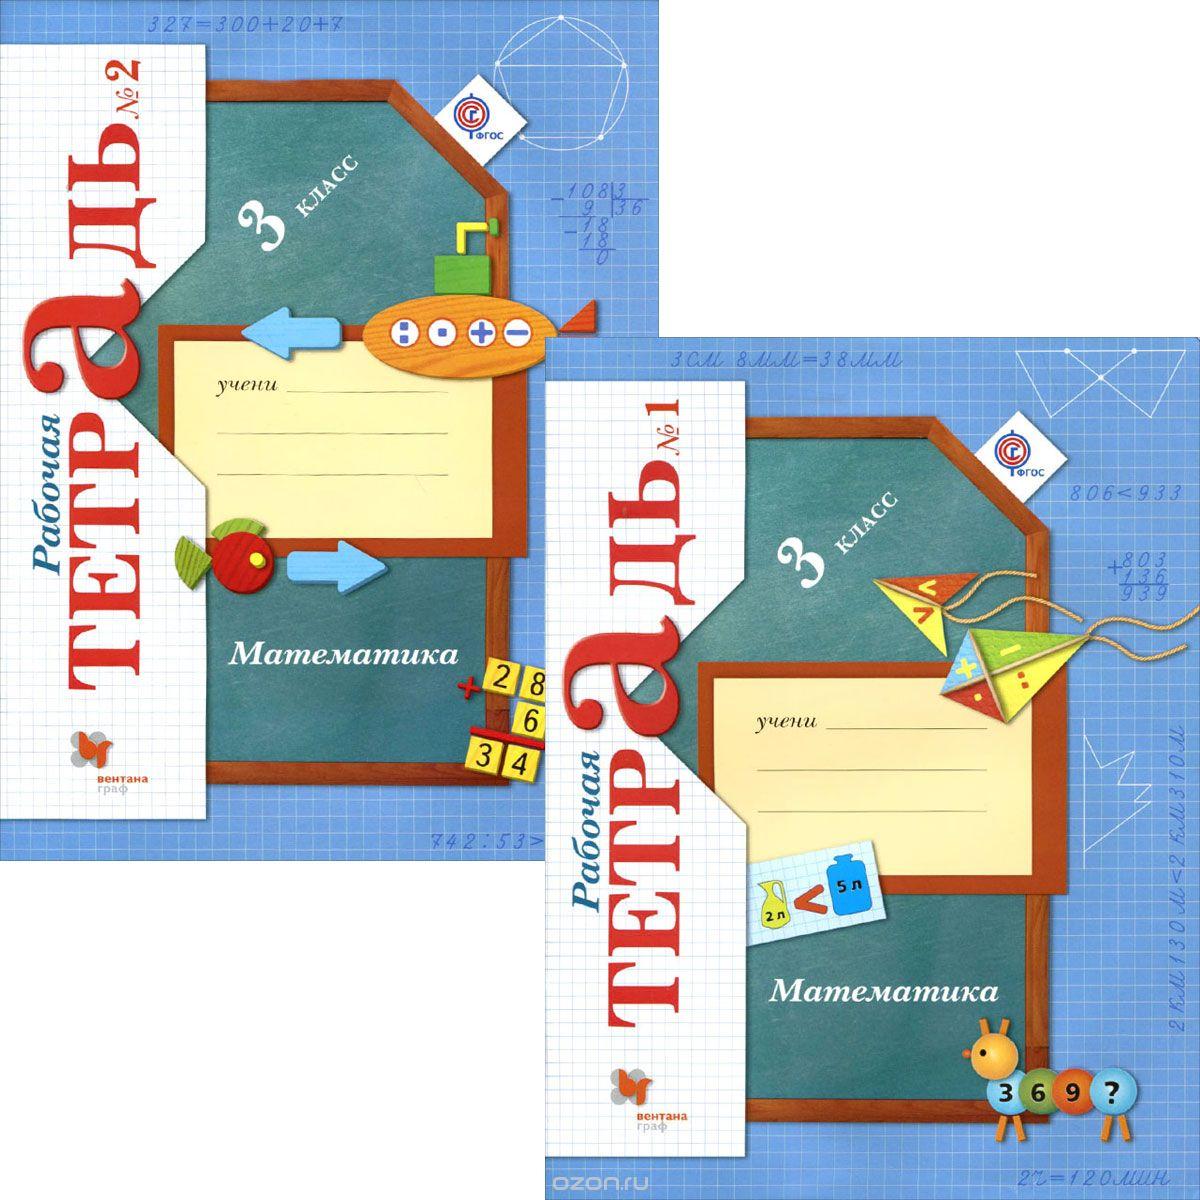 начальная школа 21 века 4 класс решебник